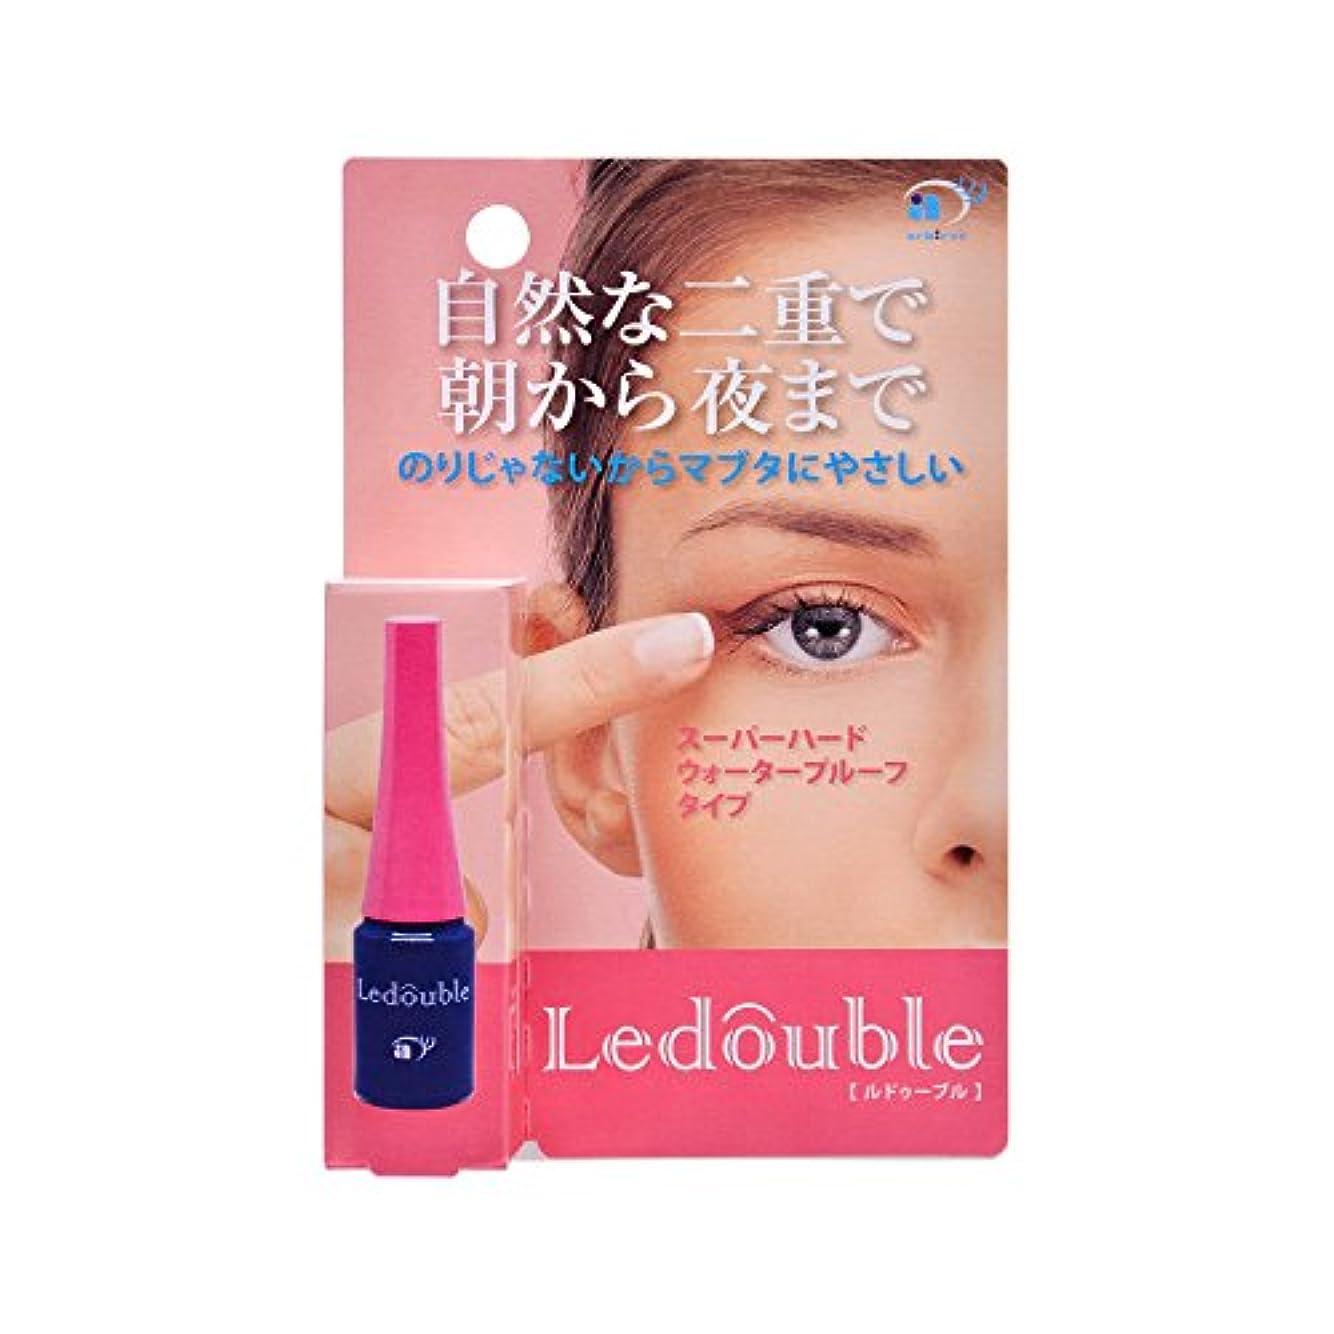 交換変換する解読するLedouble [ルドゥーブル] 二重まぶた化粧品 (2mL)